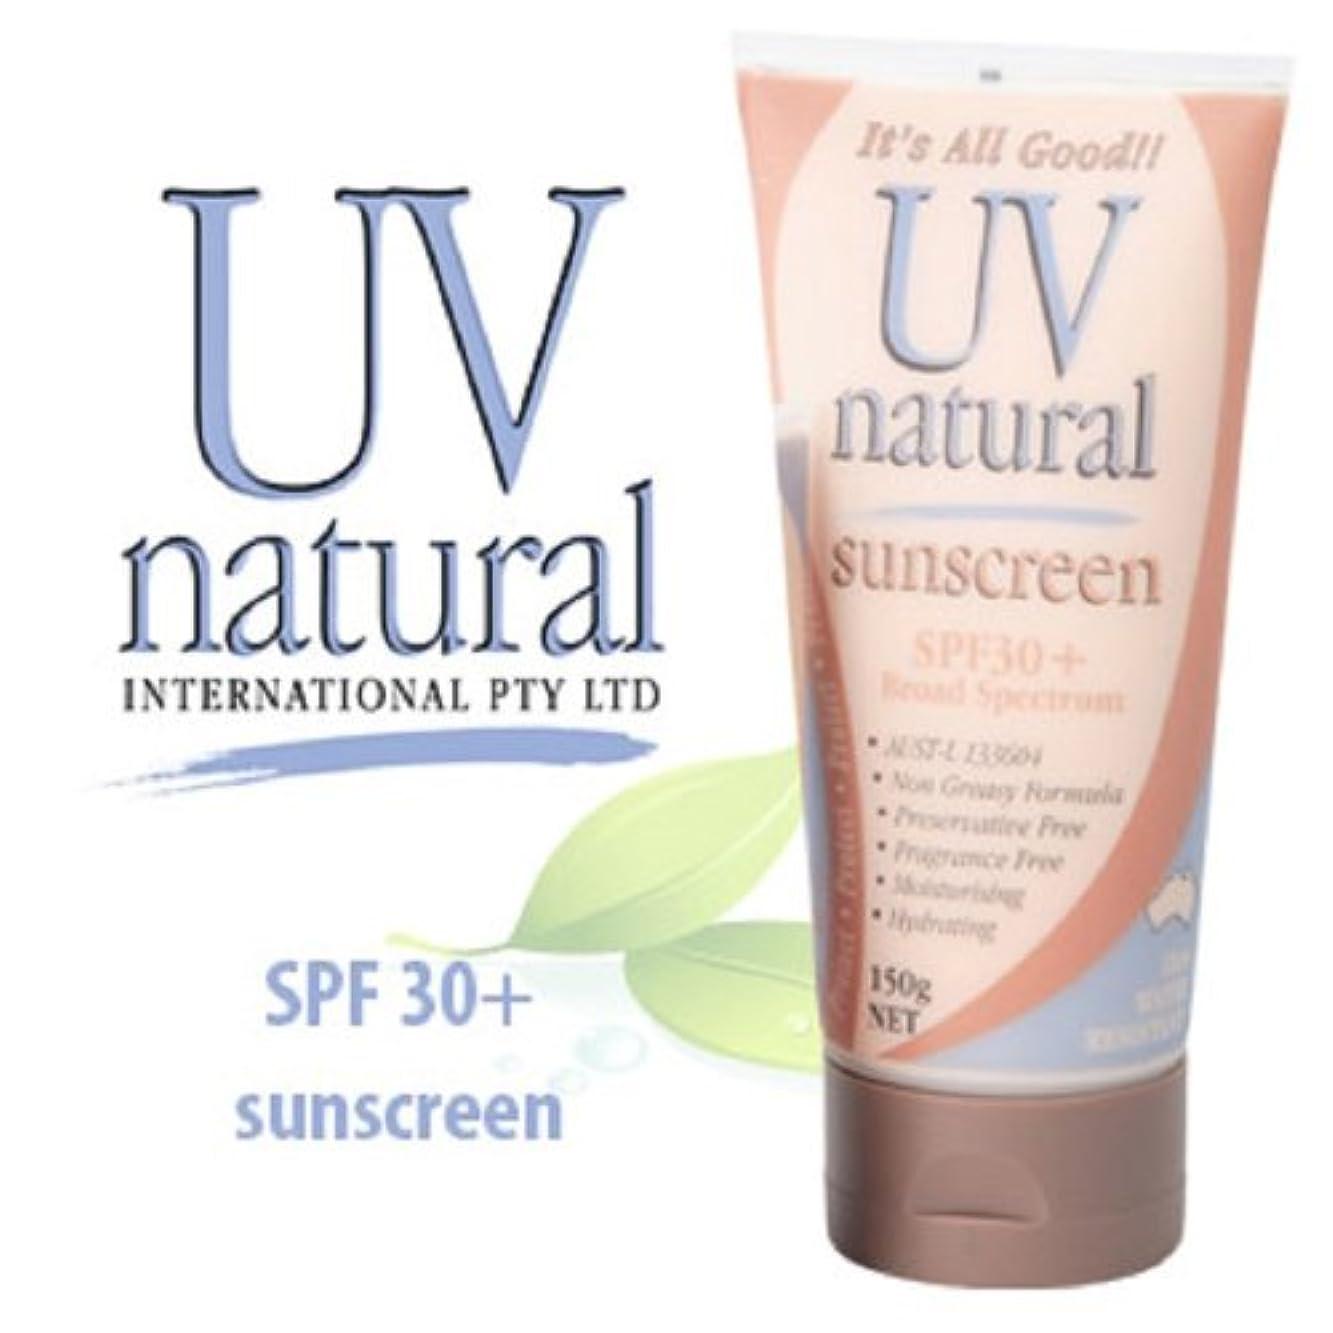 傷跡ぐったり母音【UV NATURAL】日焼け止め Natural SPF30+ 150g 3本セット